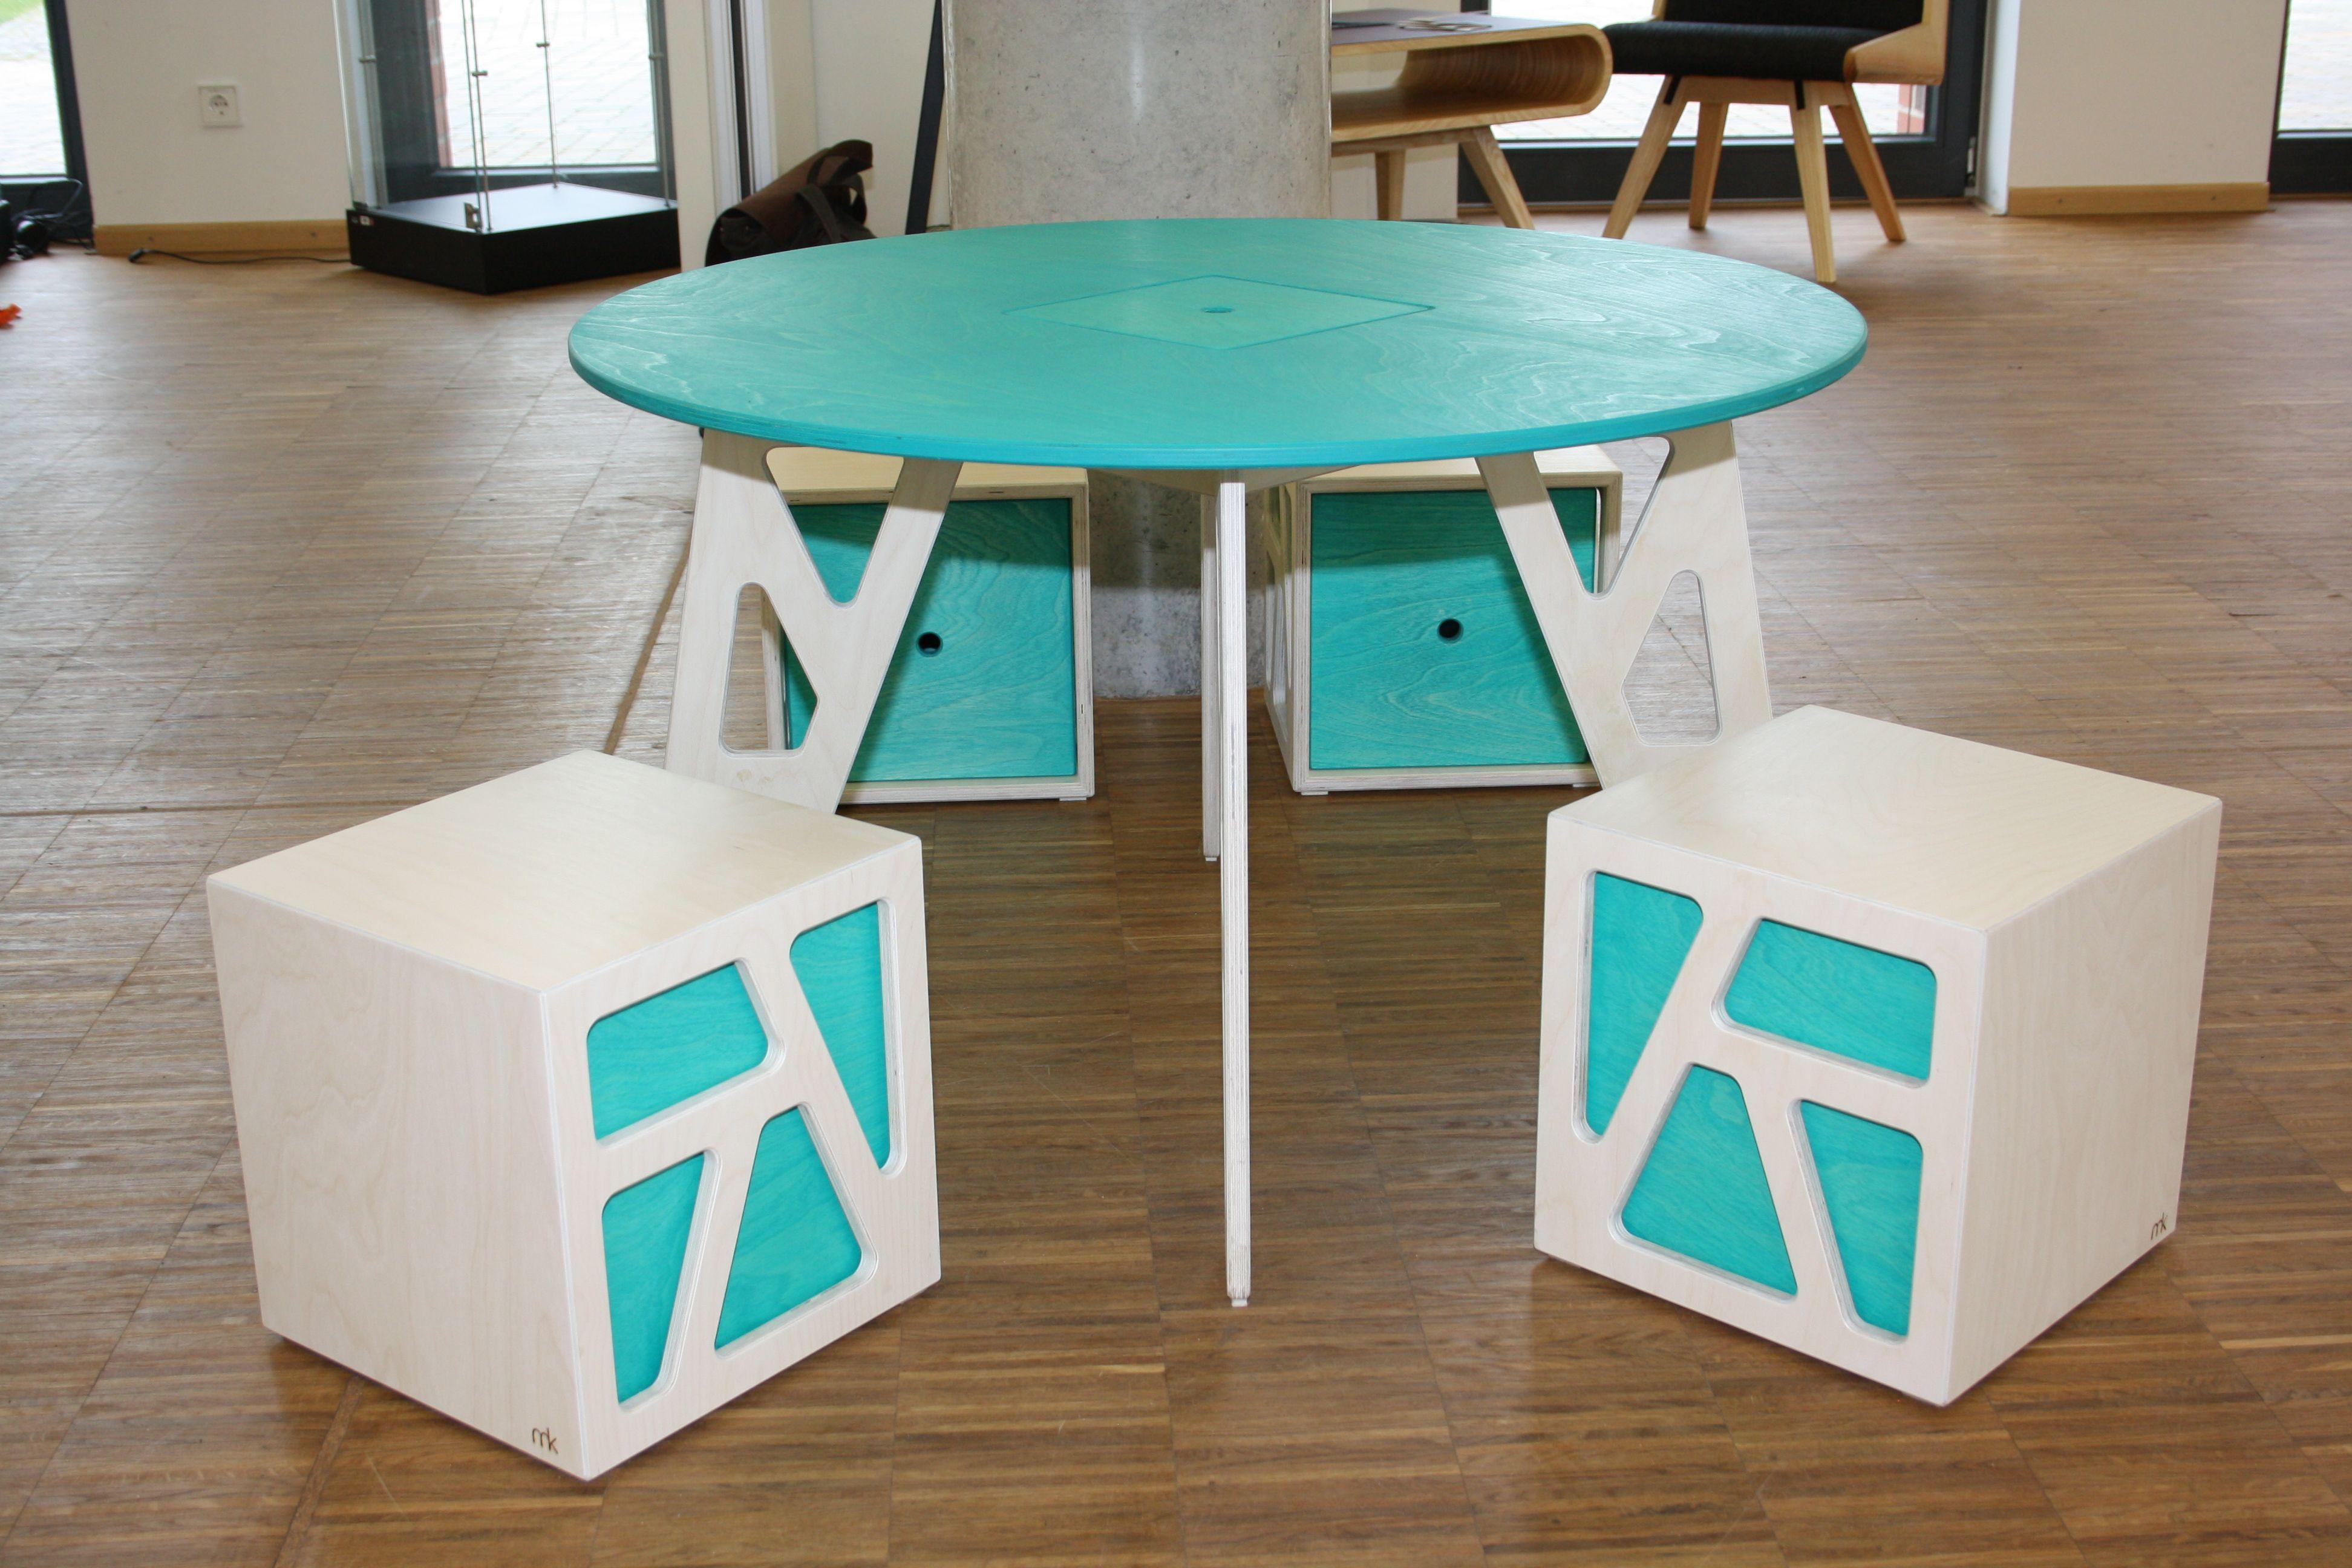 martin kr nzel tischler spieltischgruppe fix foxy 2 tischgruppe f r kinder ab 2 jahren. Black Bedroom Furniture Sets. Home Design Ideas